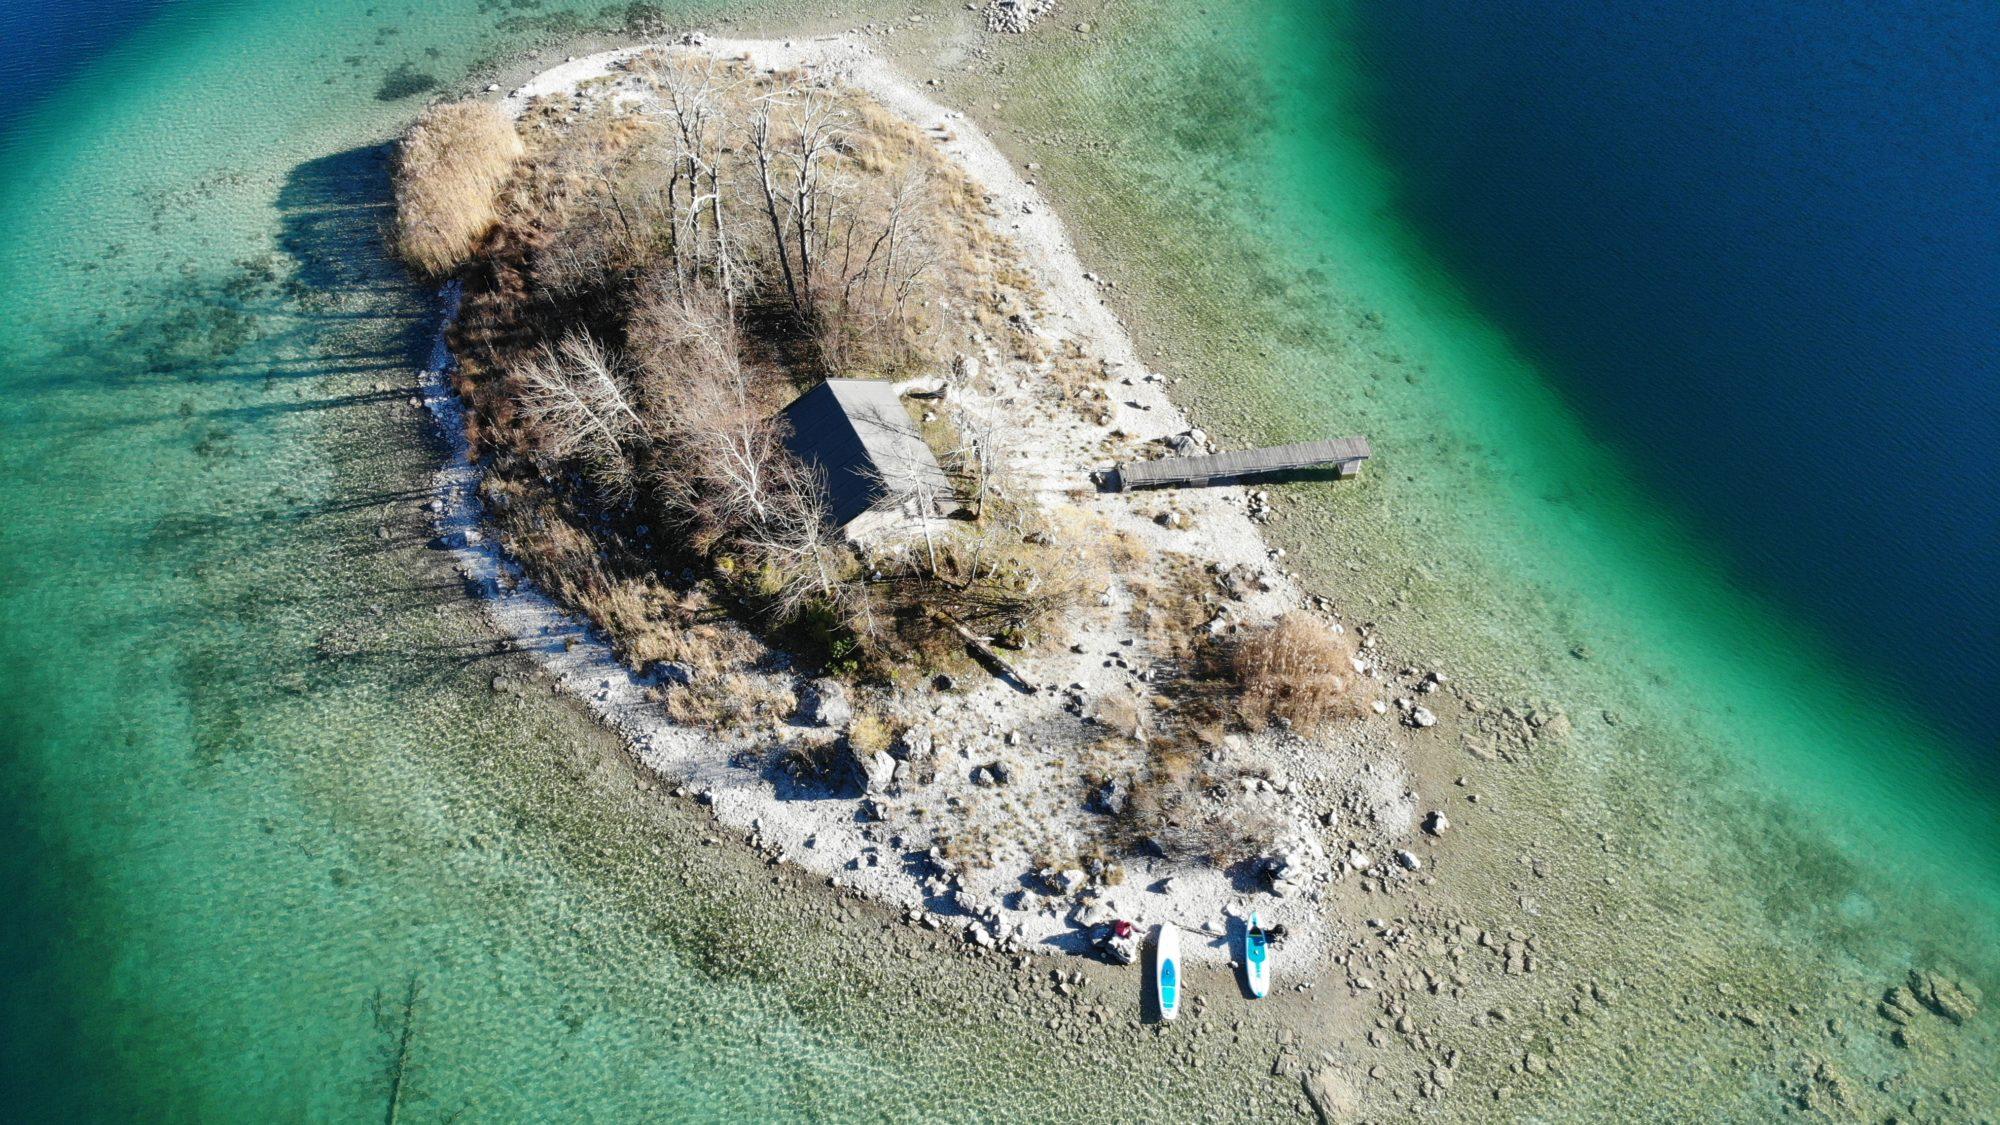 Insel-Paradies: Der Eibsee in Grainau ist Bayerns schönster See.